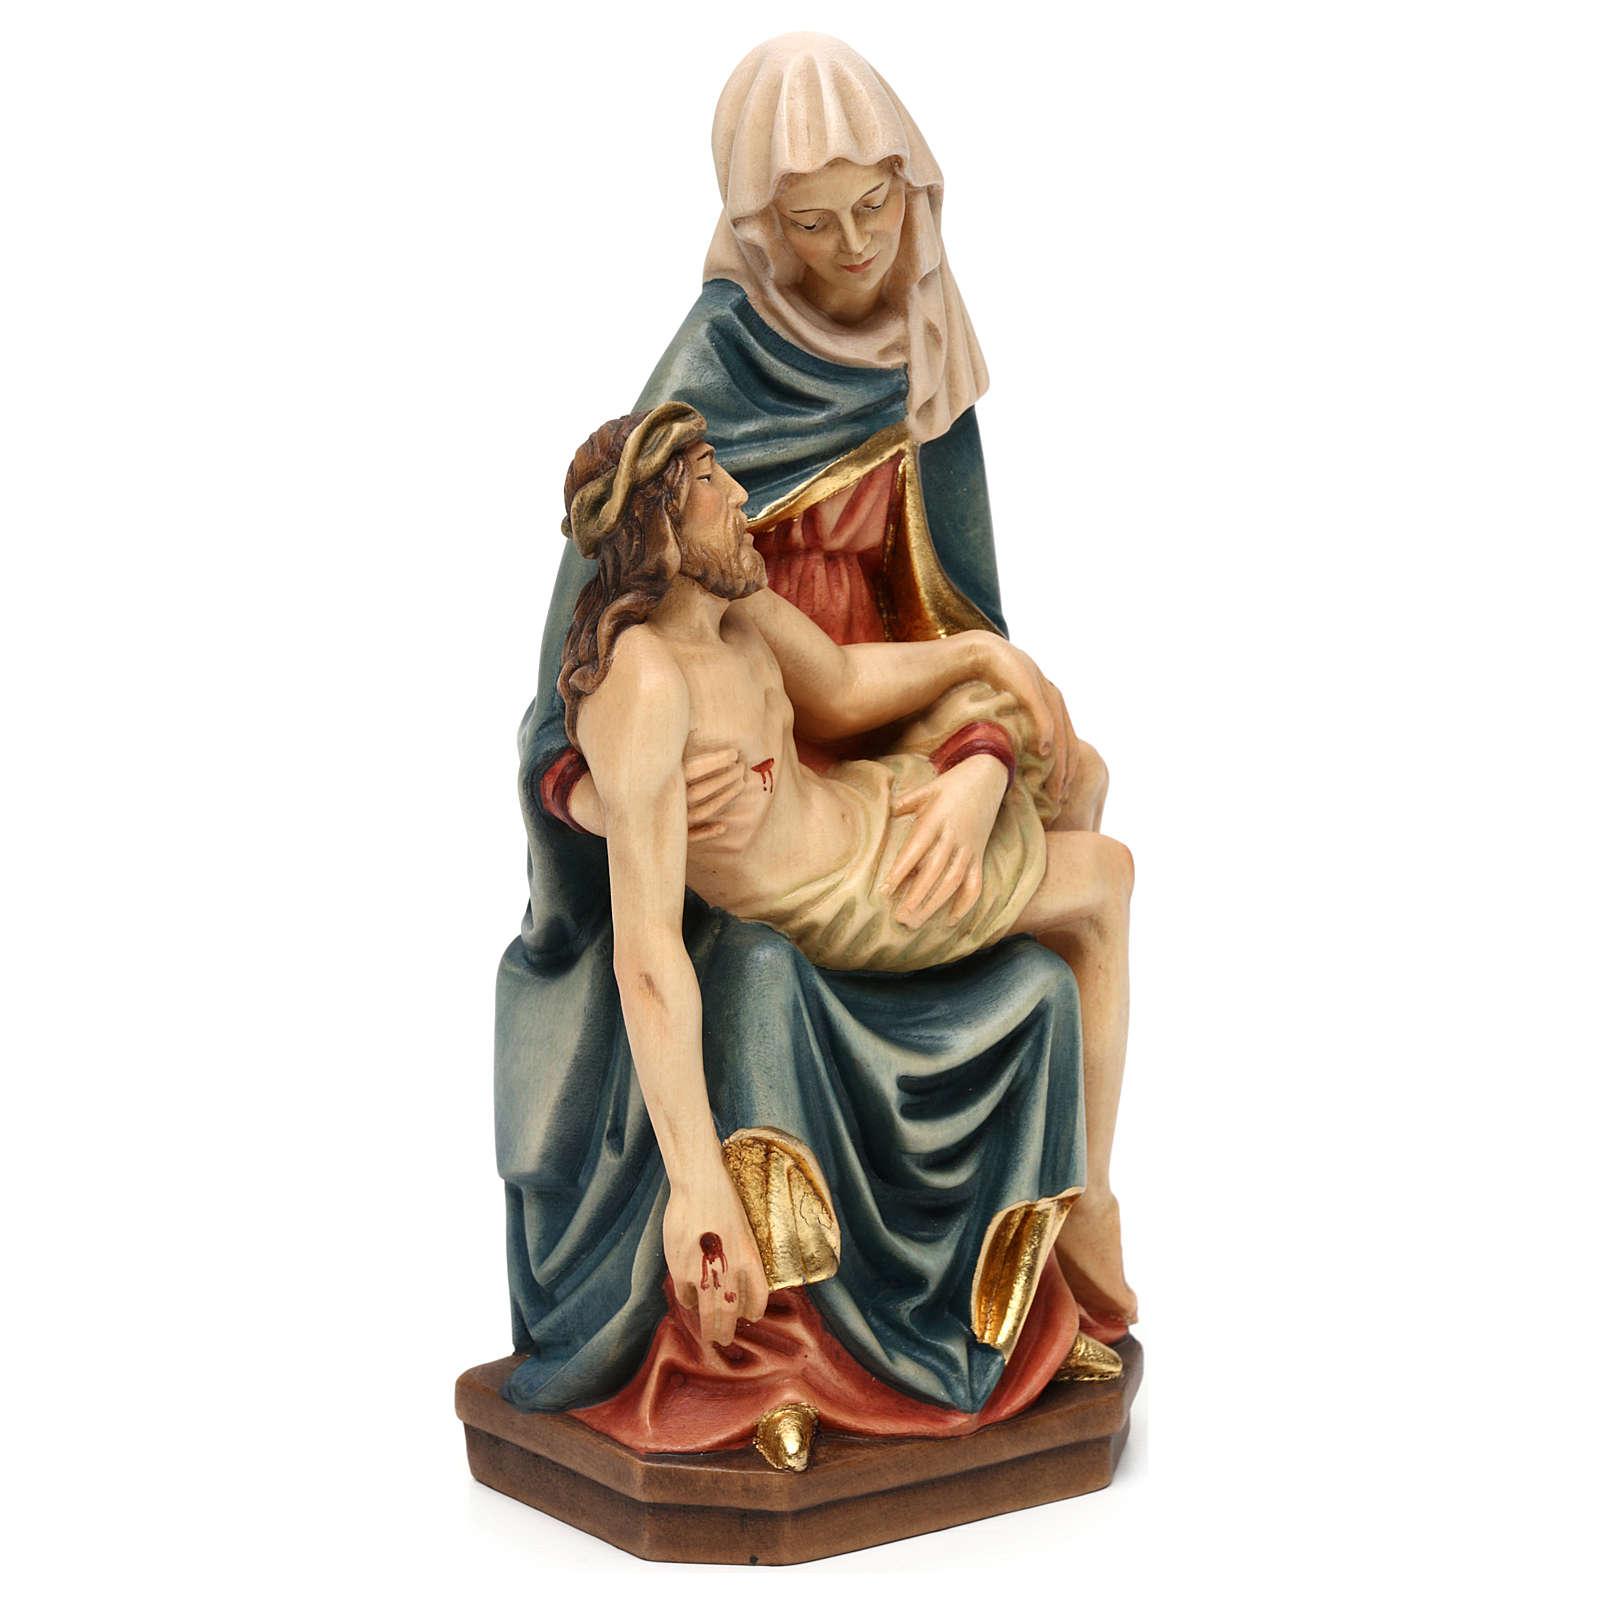 Pietà de Michelangelo madeira pintada Val Gardena 4